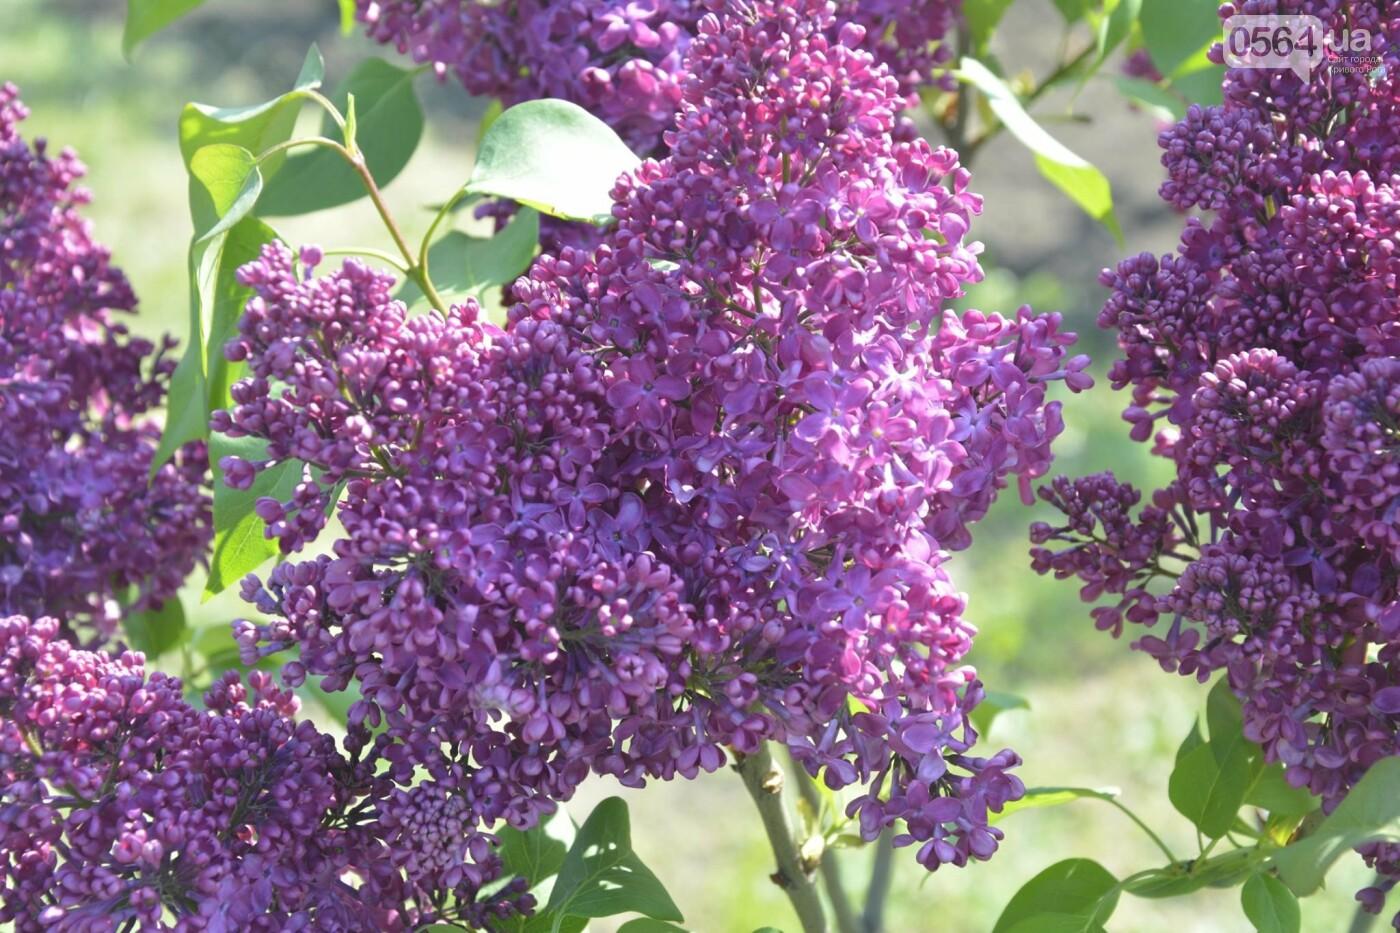 """Коллекция сирени, тюльпан """"Черный кофе"""", барбарис, - как выглядит Криворожский ботанический сад сегодня, - ФОТО, фото-29"""